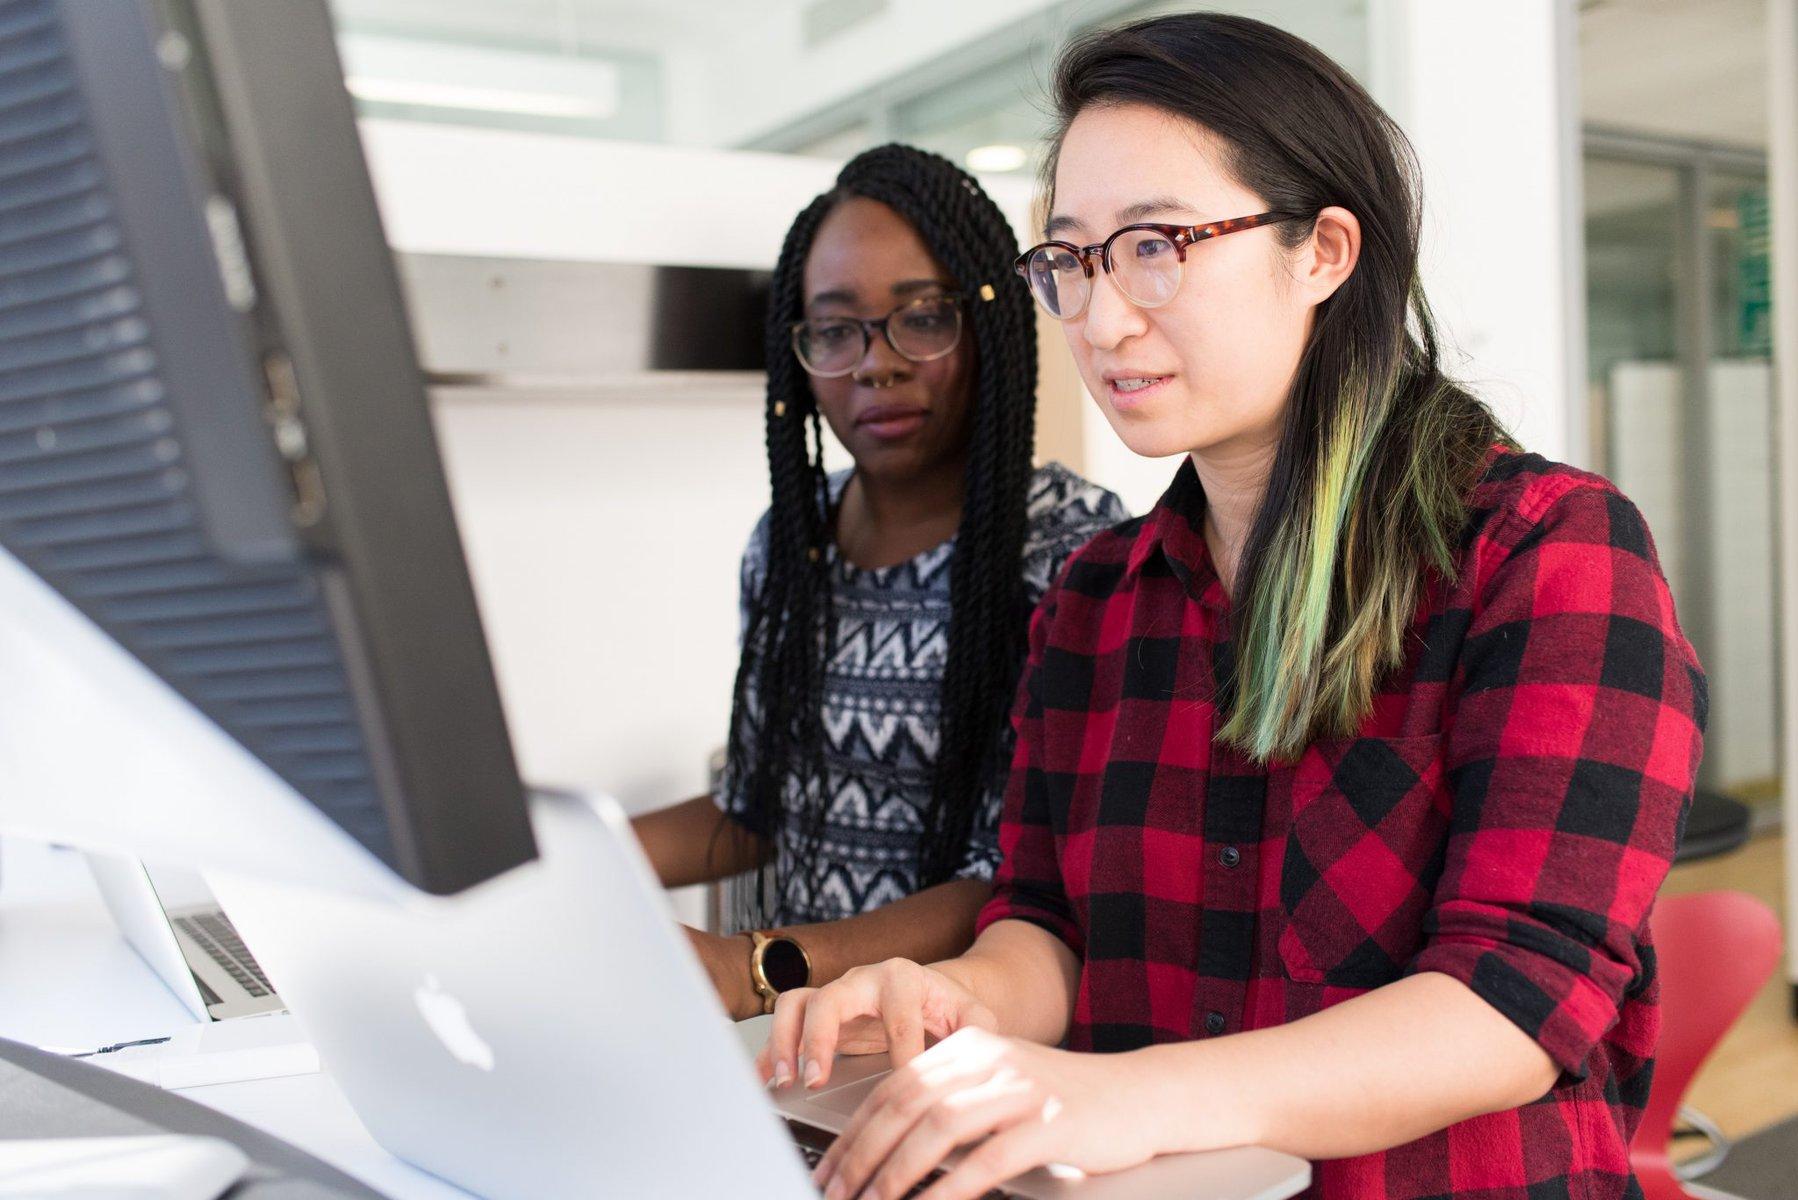 Imagem de capa; duas mulheres mexem no notebook e olham para um monitor.